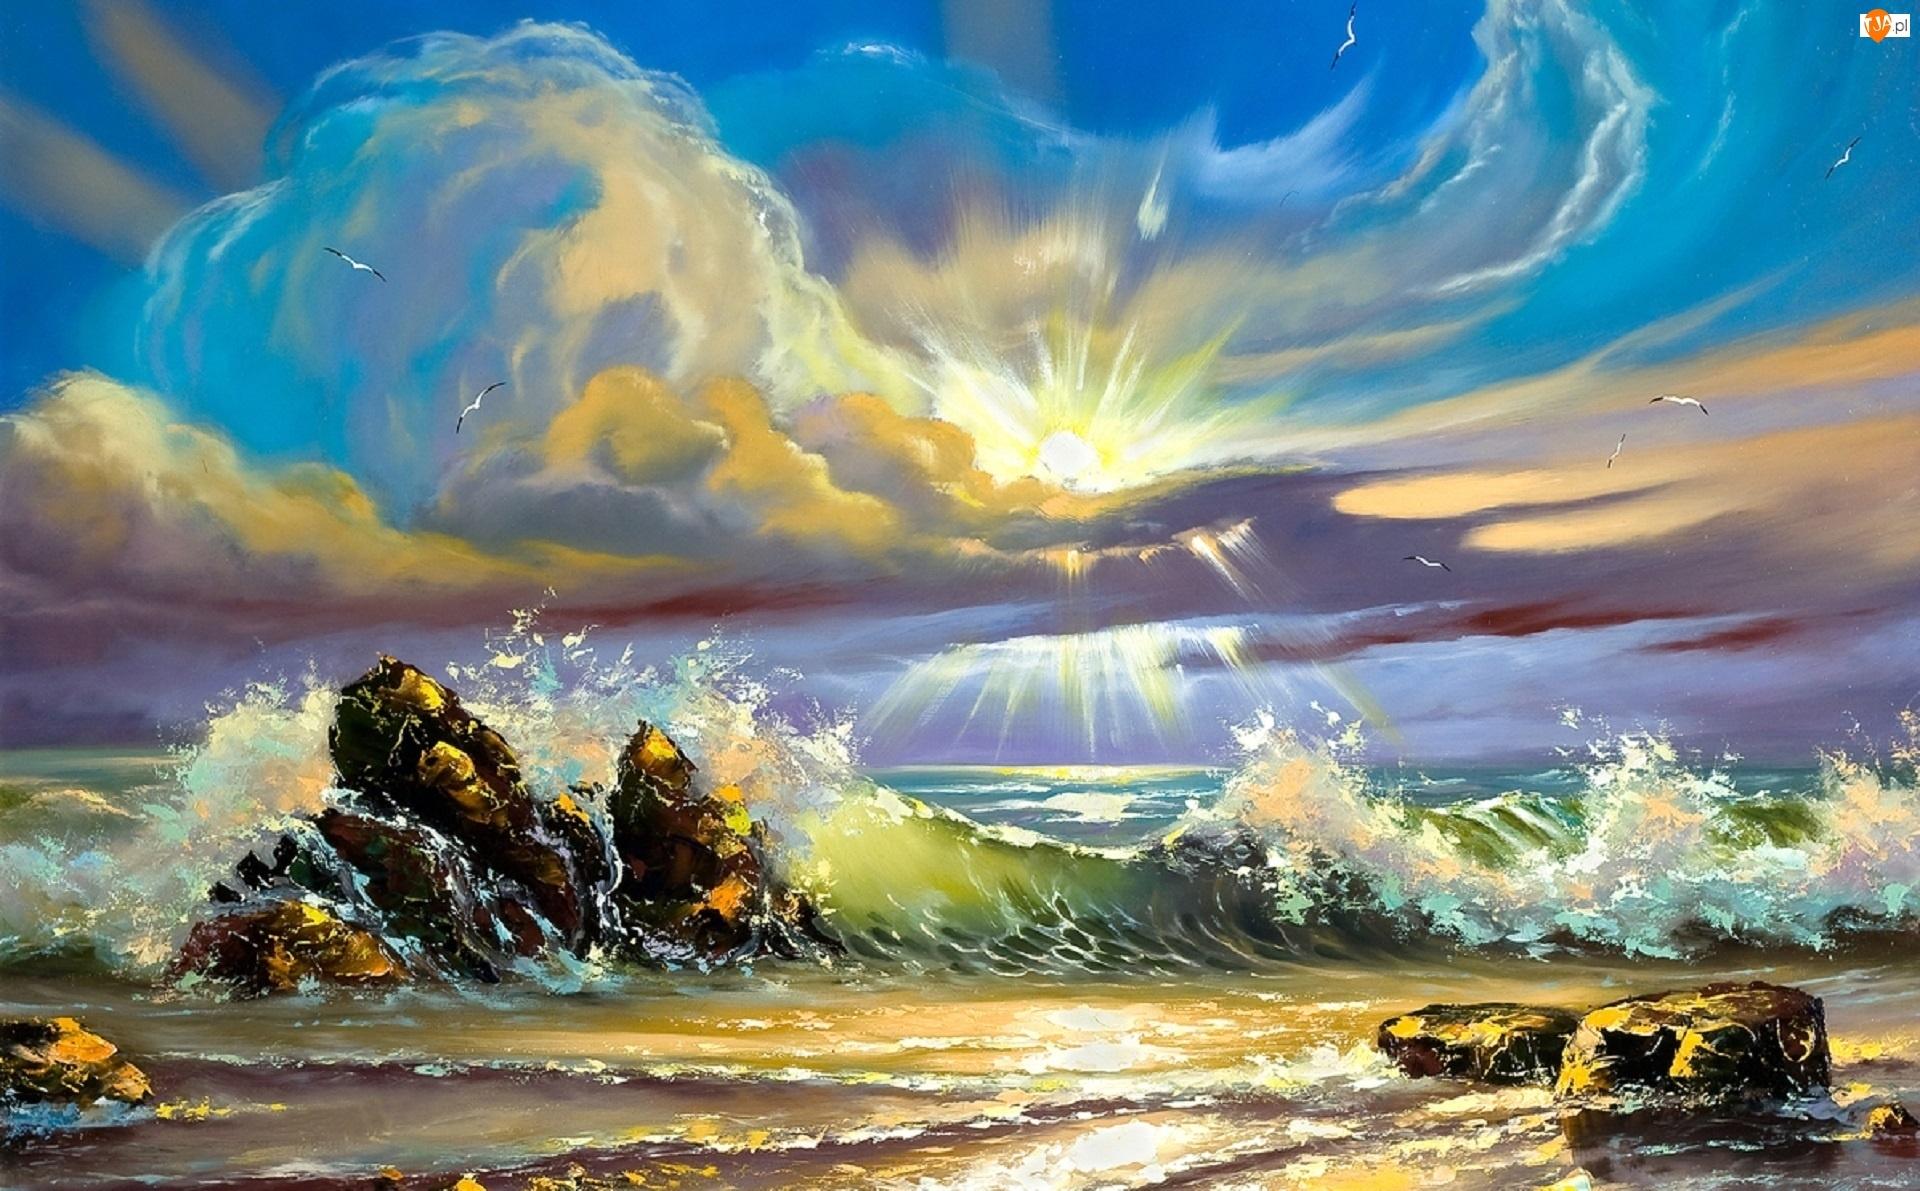 Wschód słońca, Skały, Morze, Fale